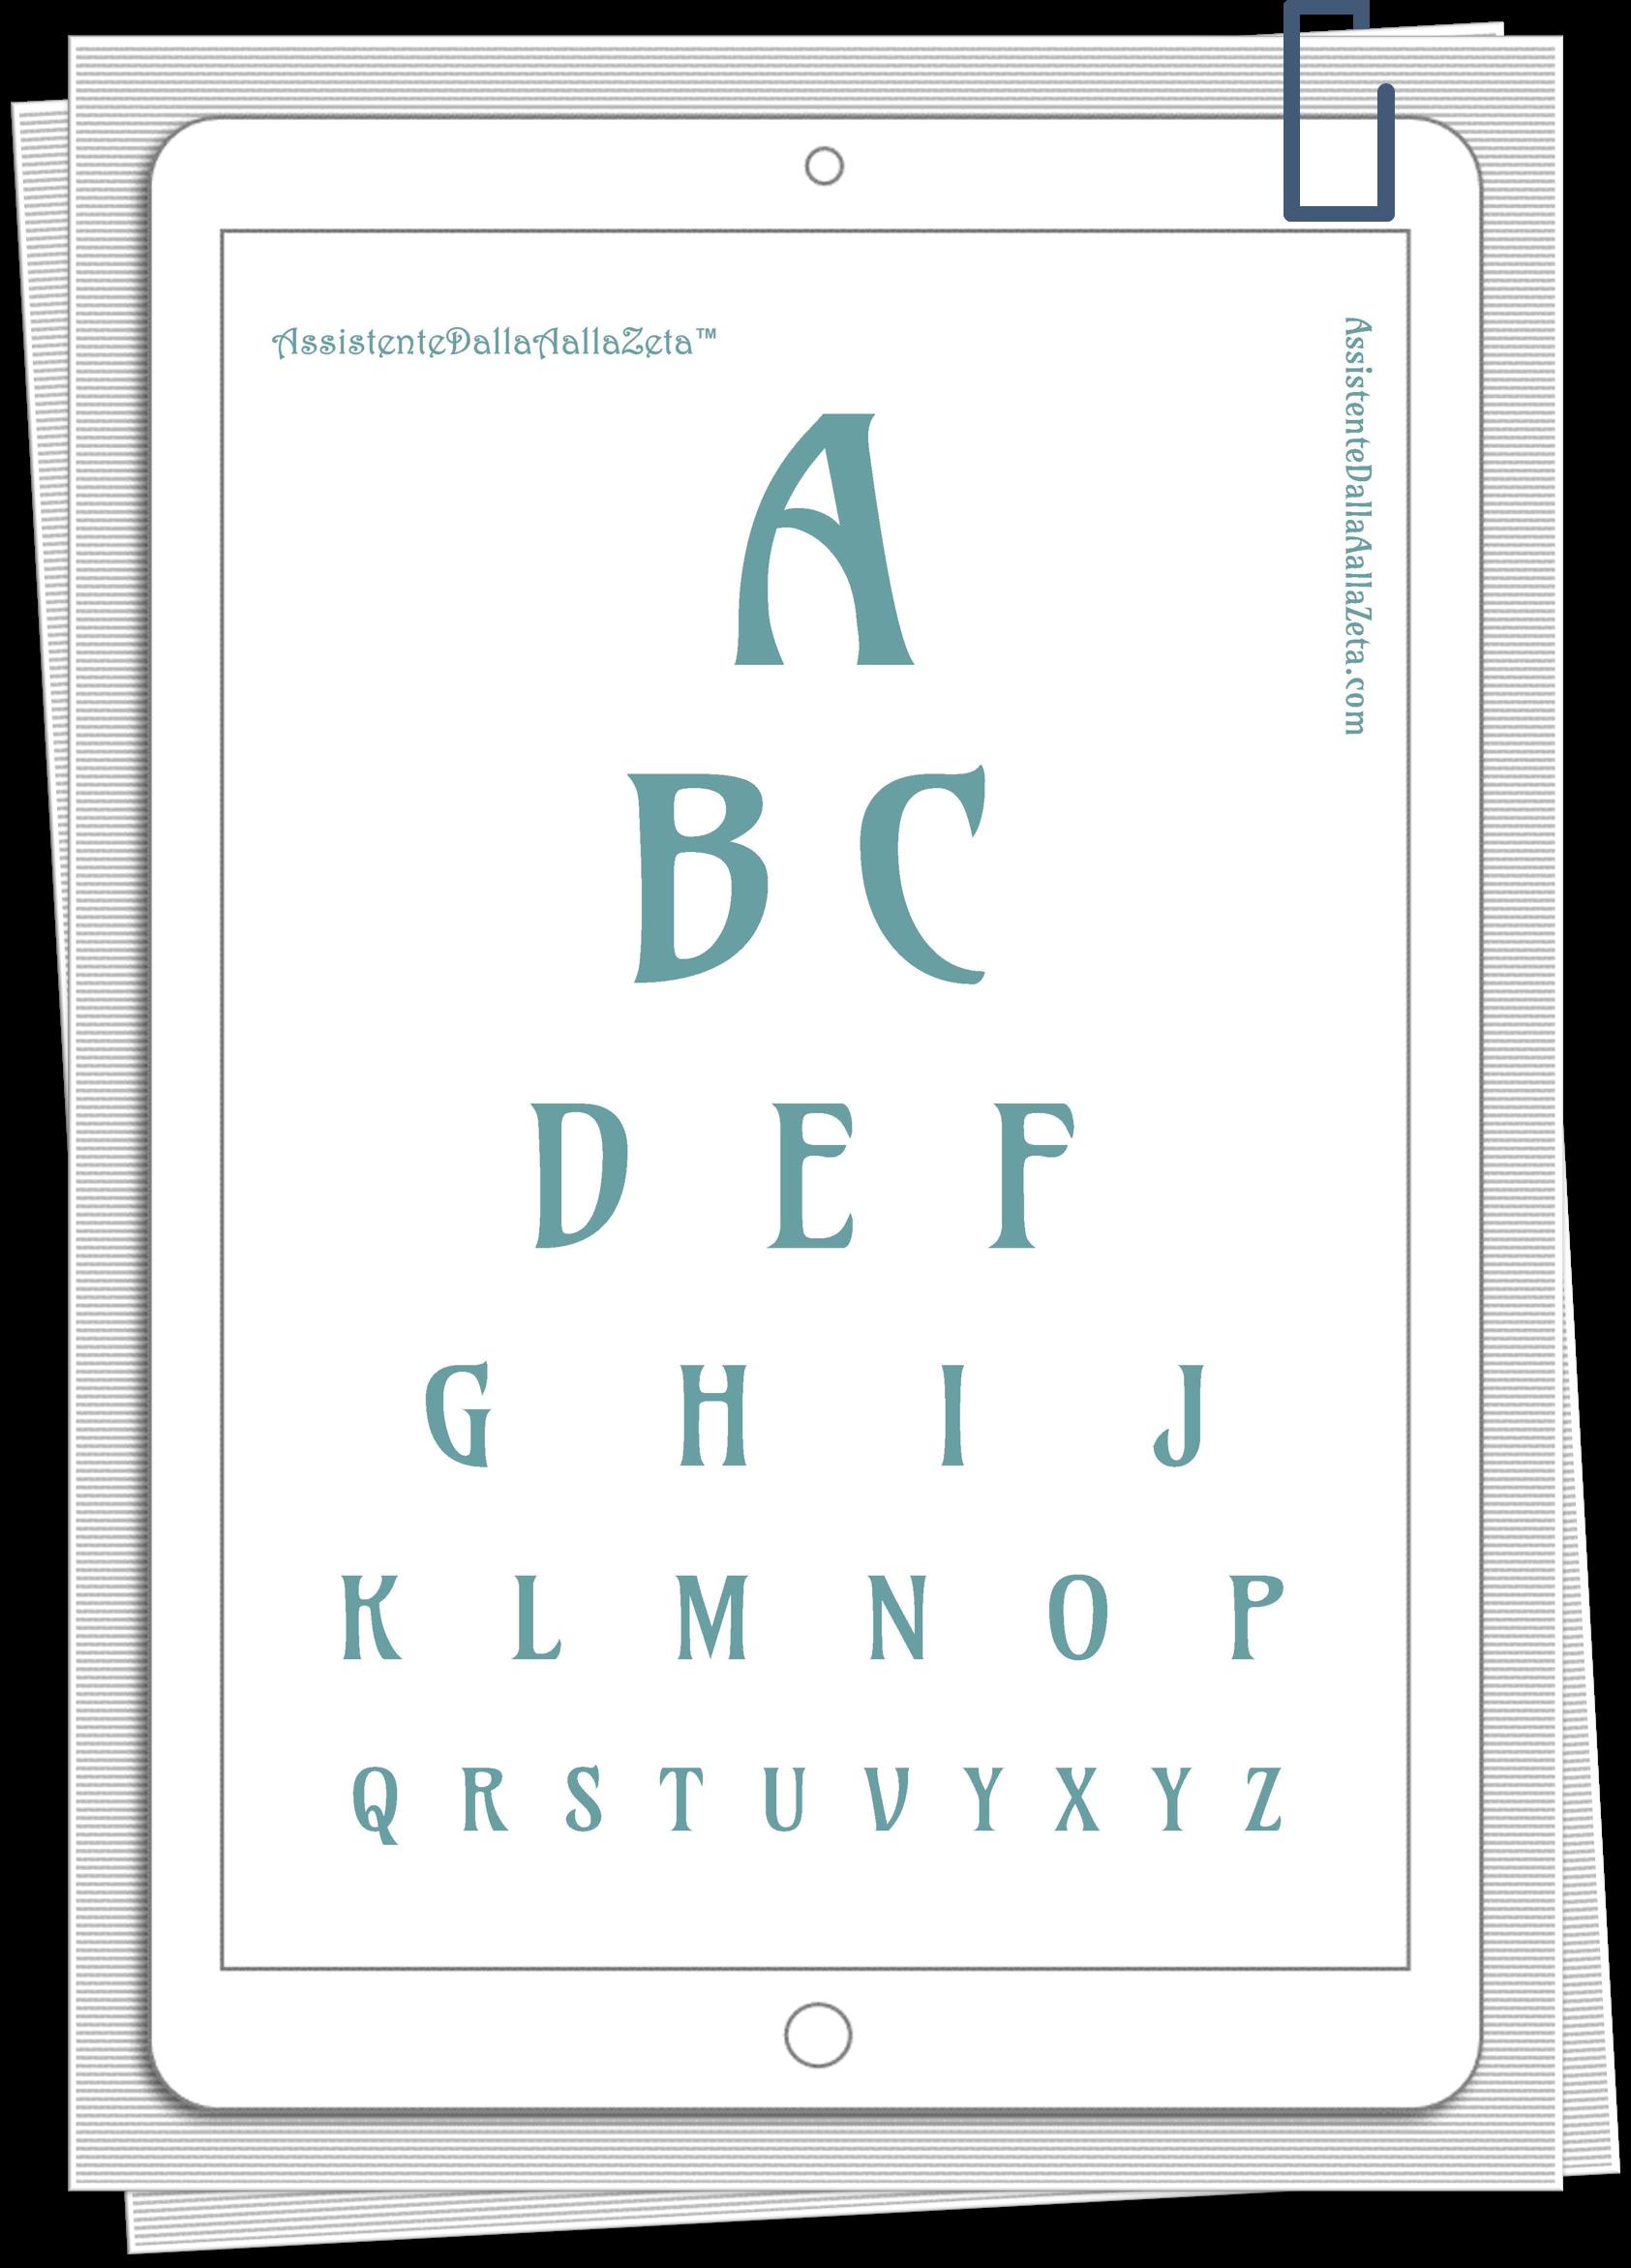 Irene Linguari AssistenteDallaAallaZeta Stampe Grafiche Decor Poster Oculista scaricabile gratuitamente Assistente Dalla A alla Zeta